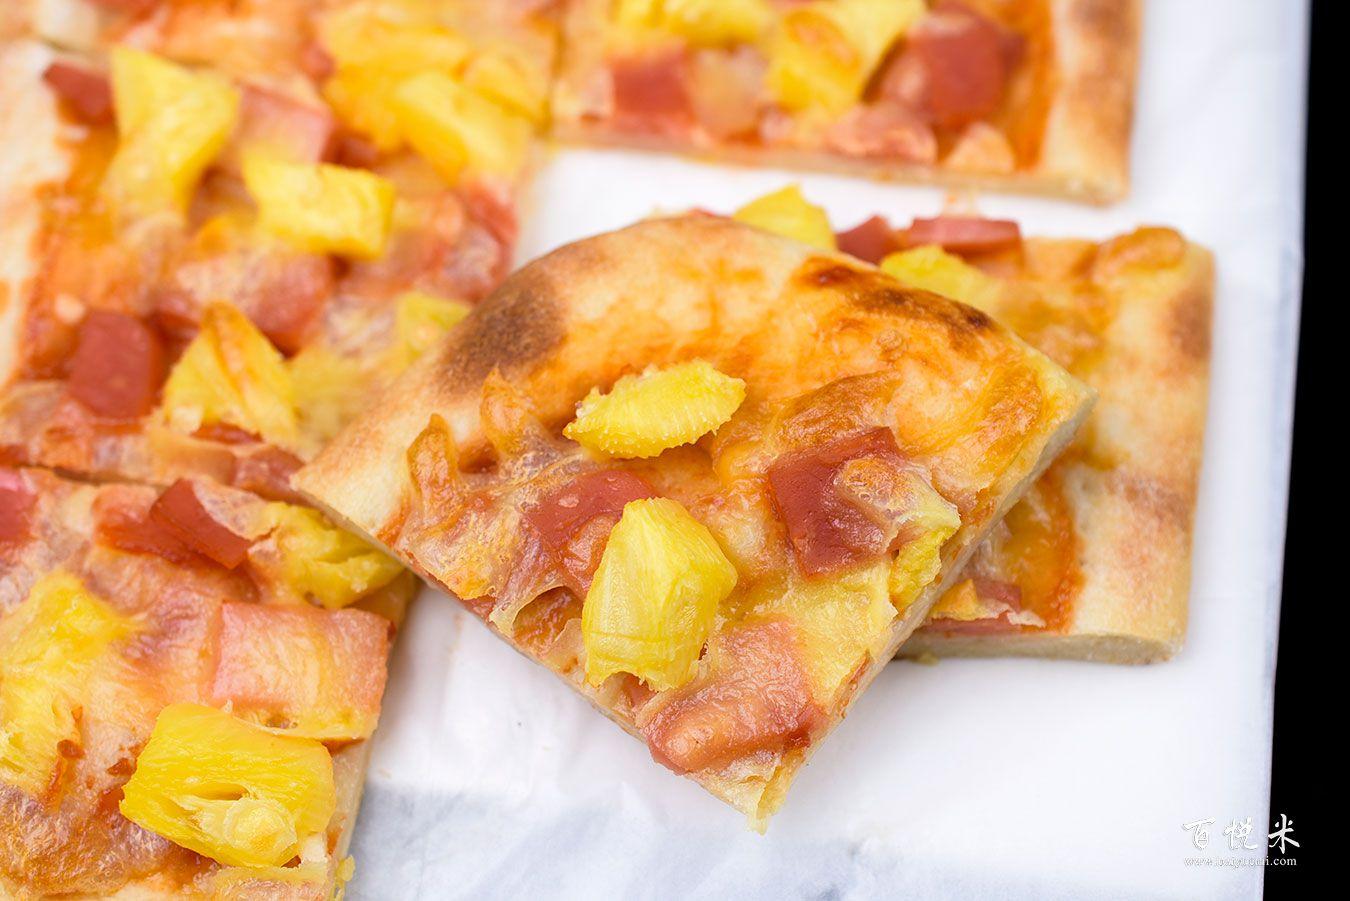 夏威夷披萨高清图片大全【蛋糕图片】_804